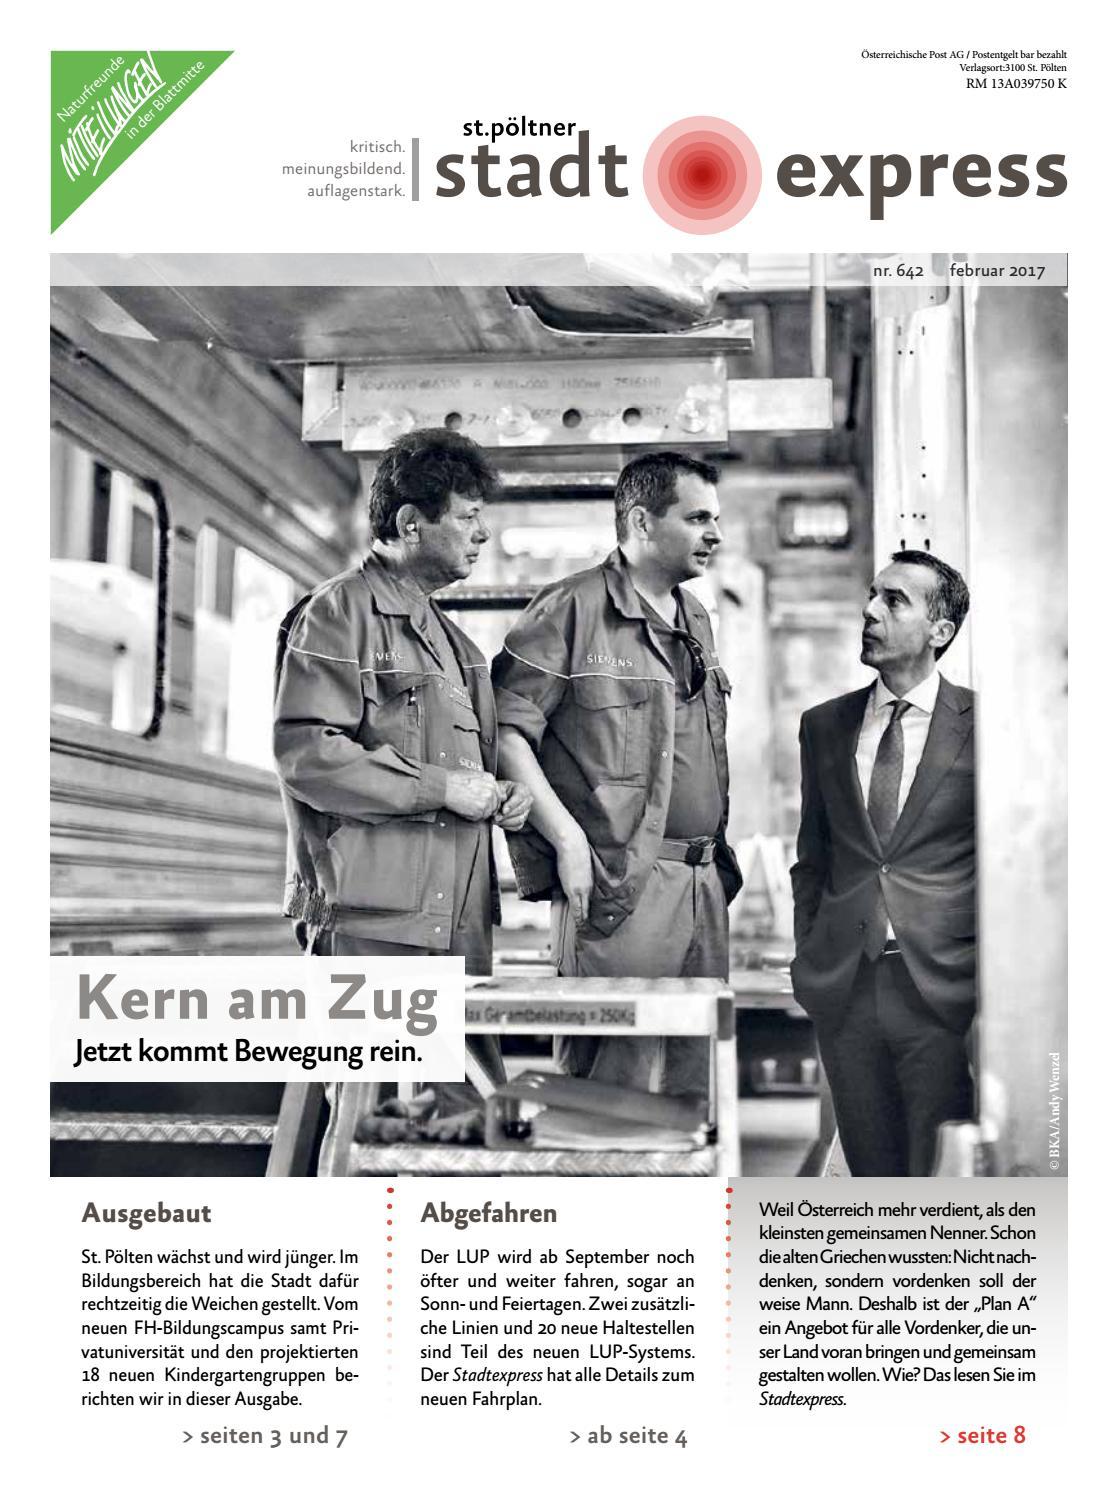 Reinigung Jobs in 3100 Spratzern - Mai 2020 | calrice.net